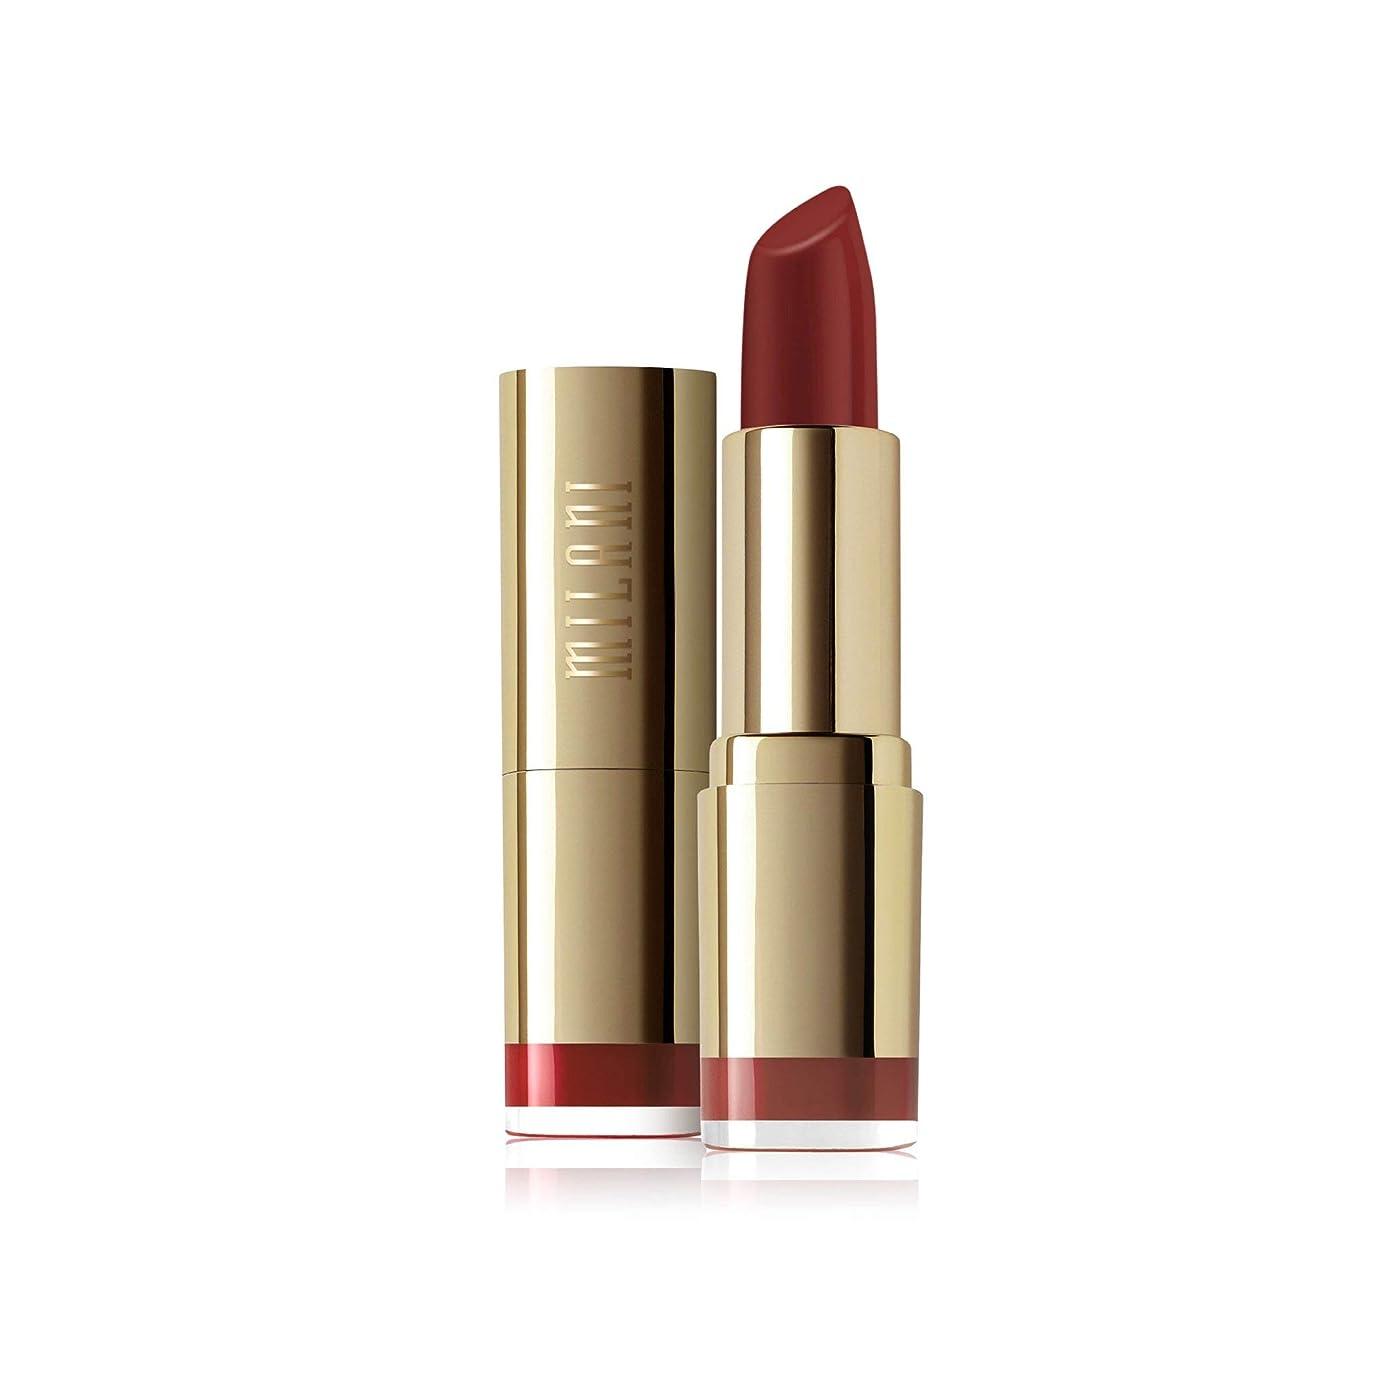 レザー生物学批評MILANI Color Statement Lipstick - Tuscan Toast (並行輸入品)